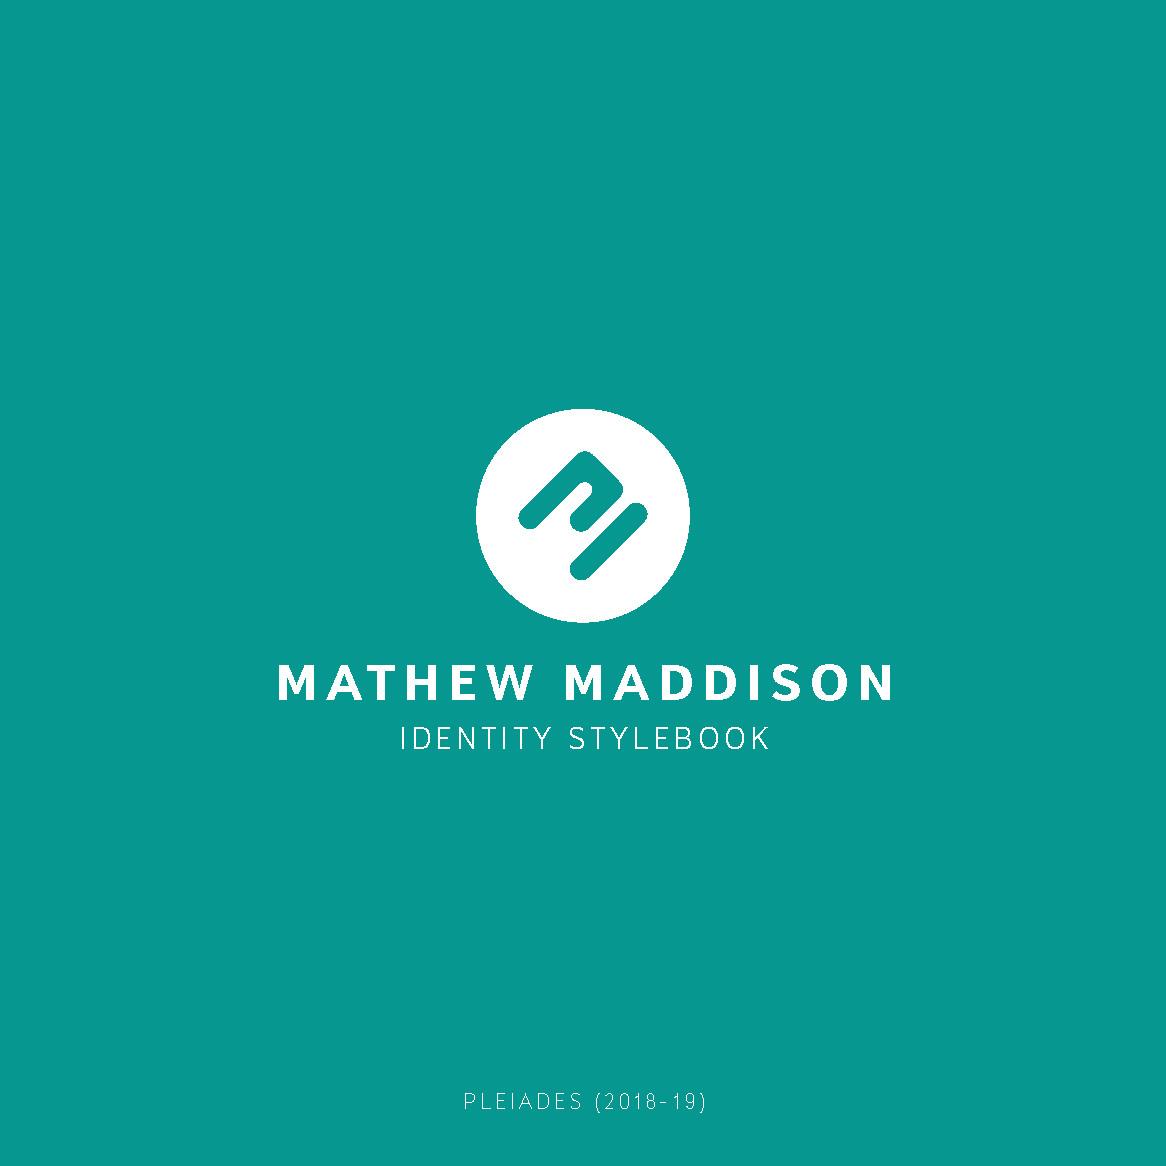 Mathew maddison mathew maddison identity guidelines page 1